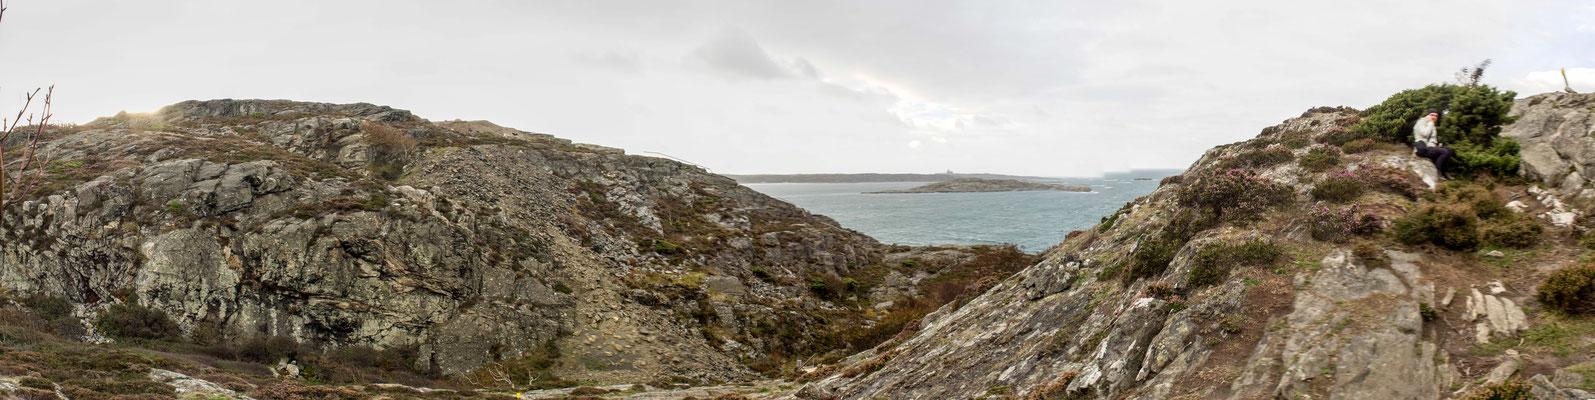 Bild: Blick über die Insel